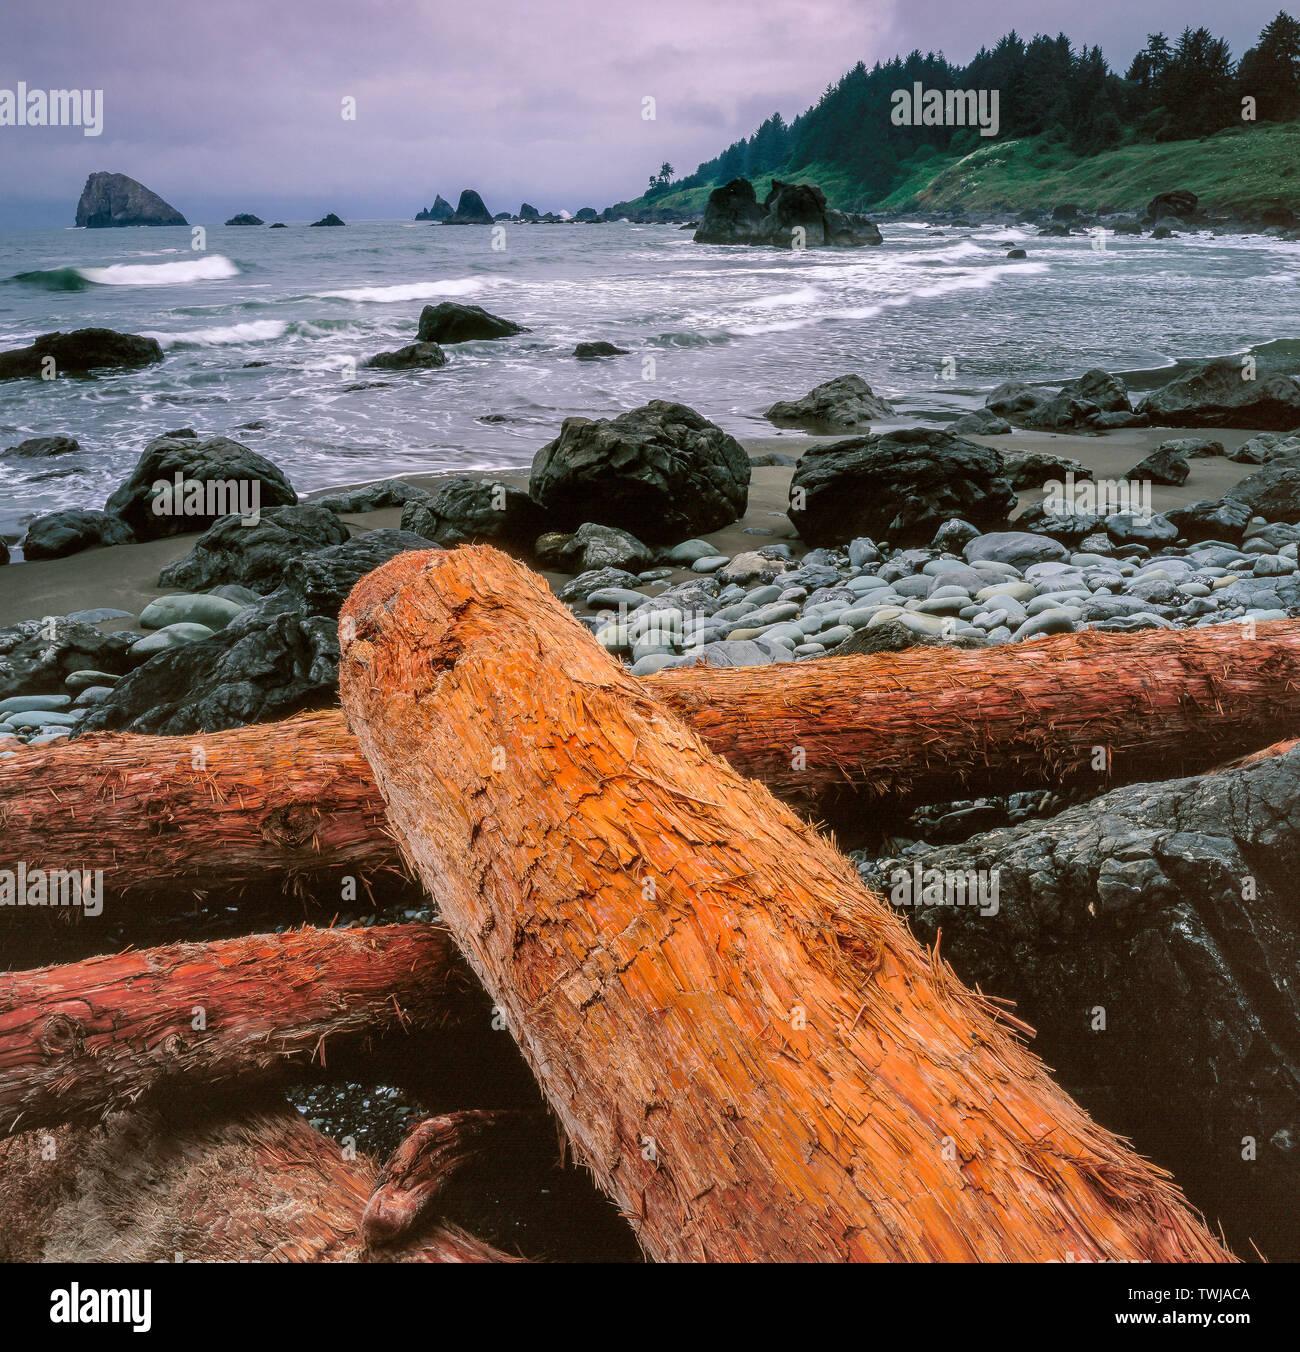 Driftwood, Hidden Beach, Redwood National Park, California - Stock Image